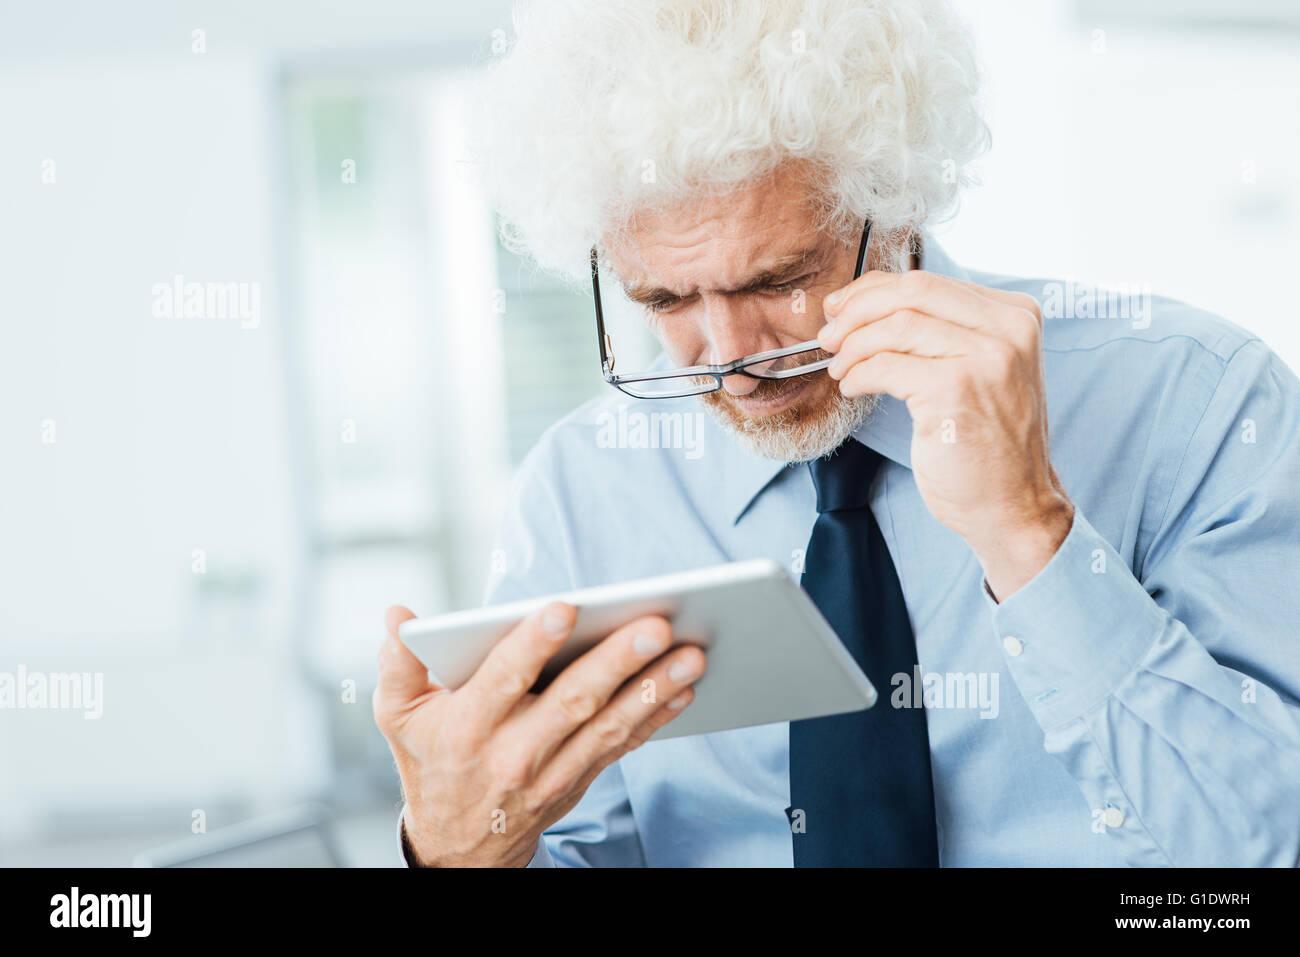 Unternehmer haben Sehprobleme, er nutzt eine Tablette und Anpassung seiner Brille, Büroeinrichtung auf Hintergrund Stockbild